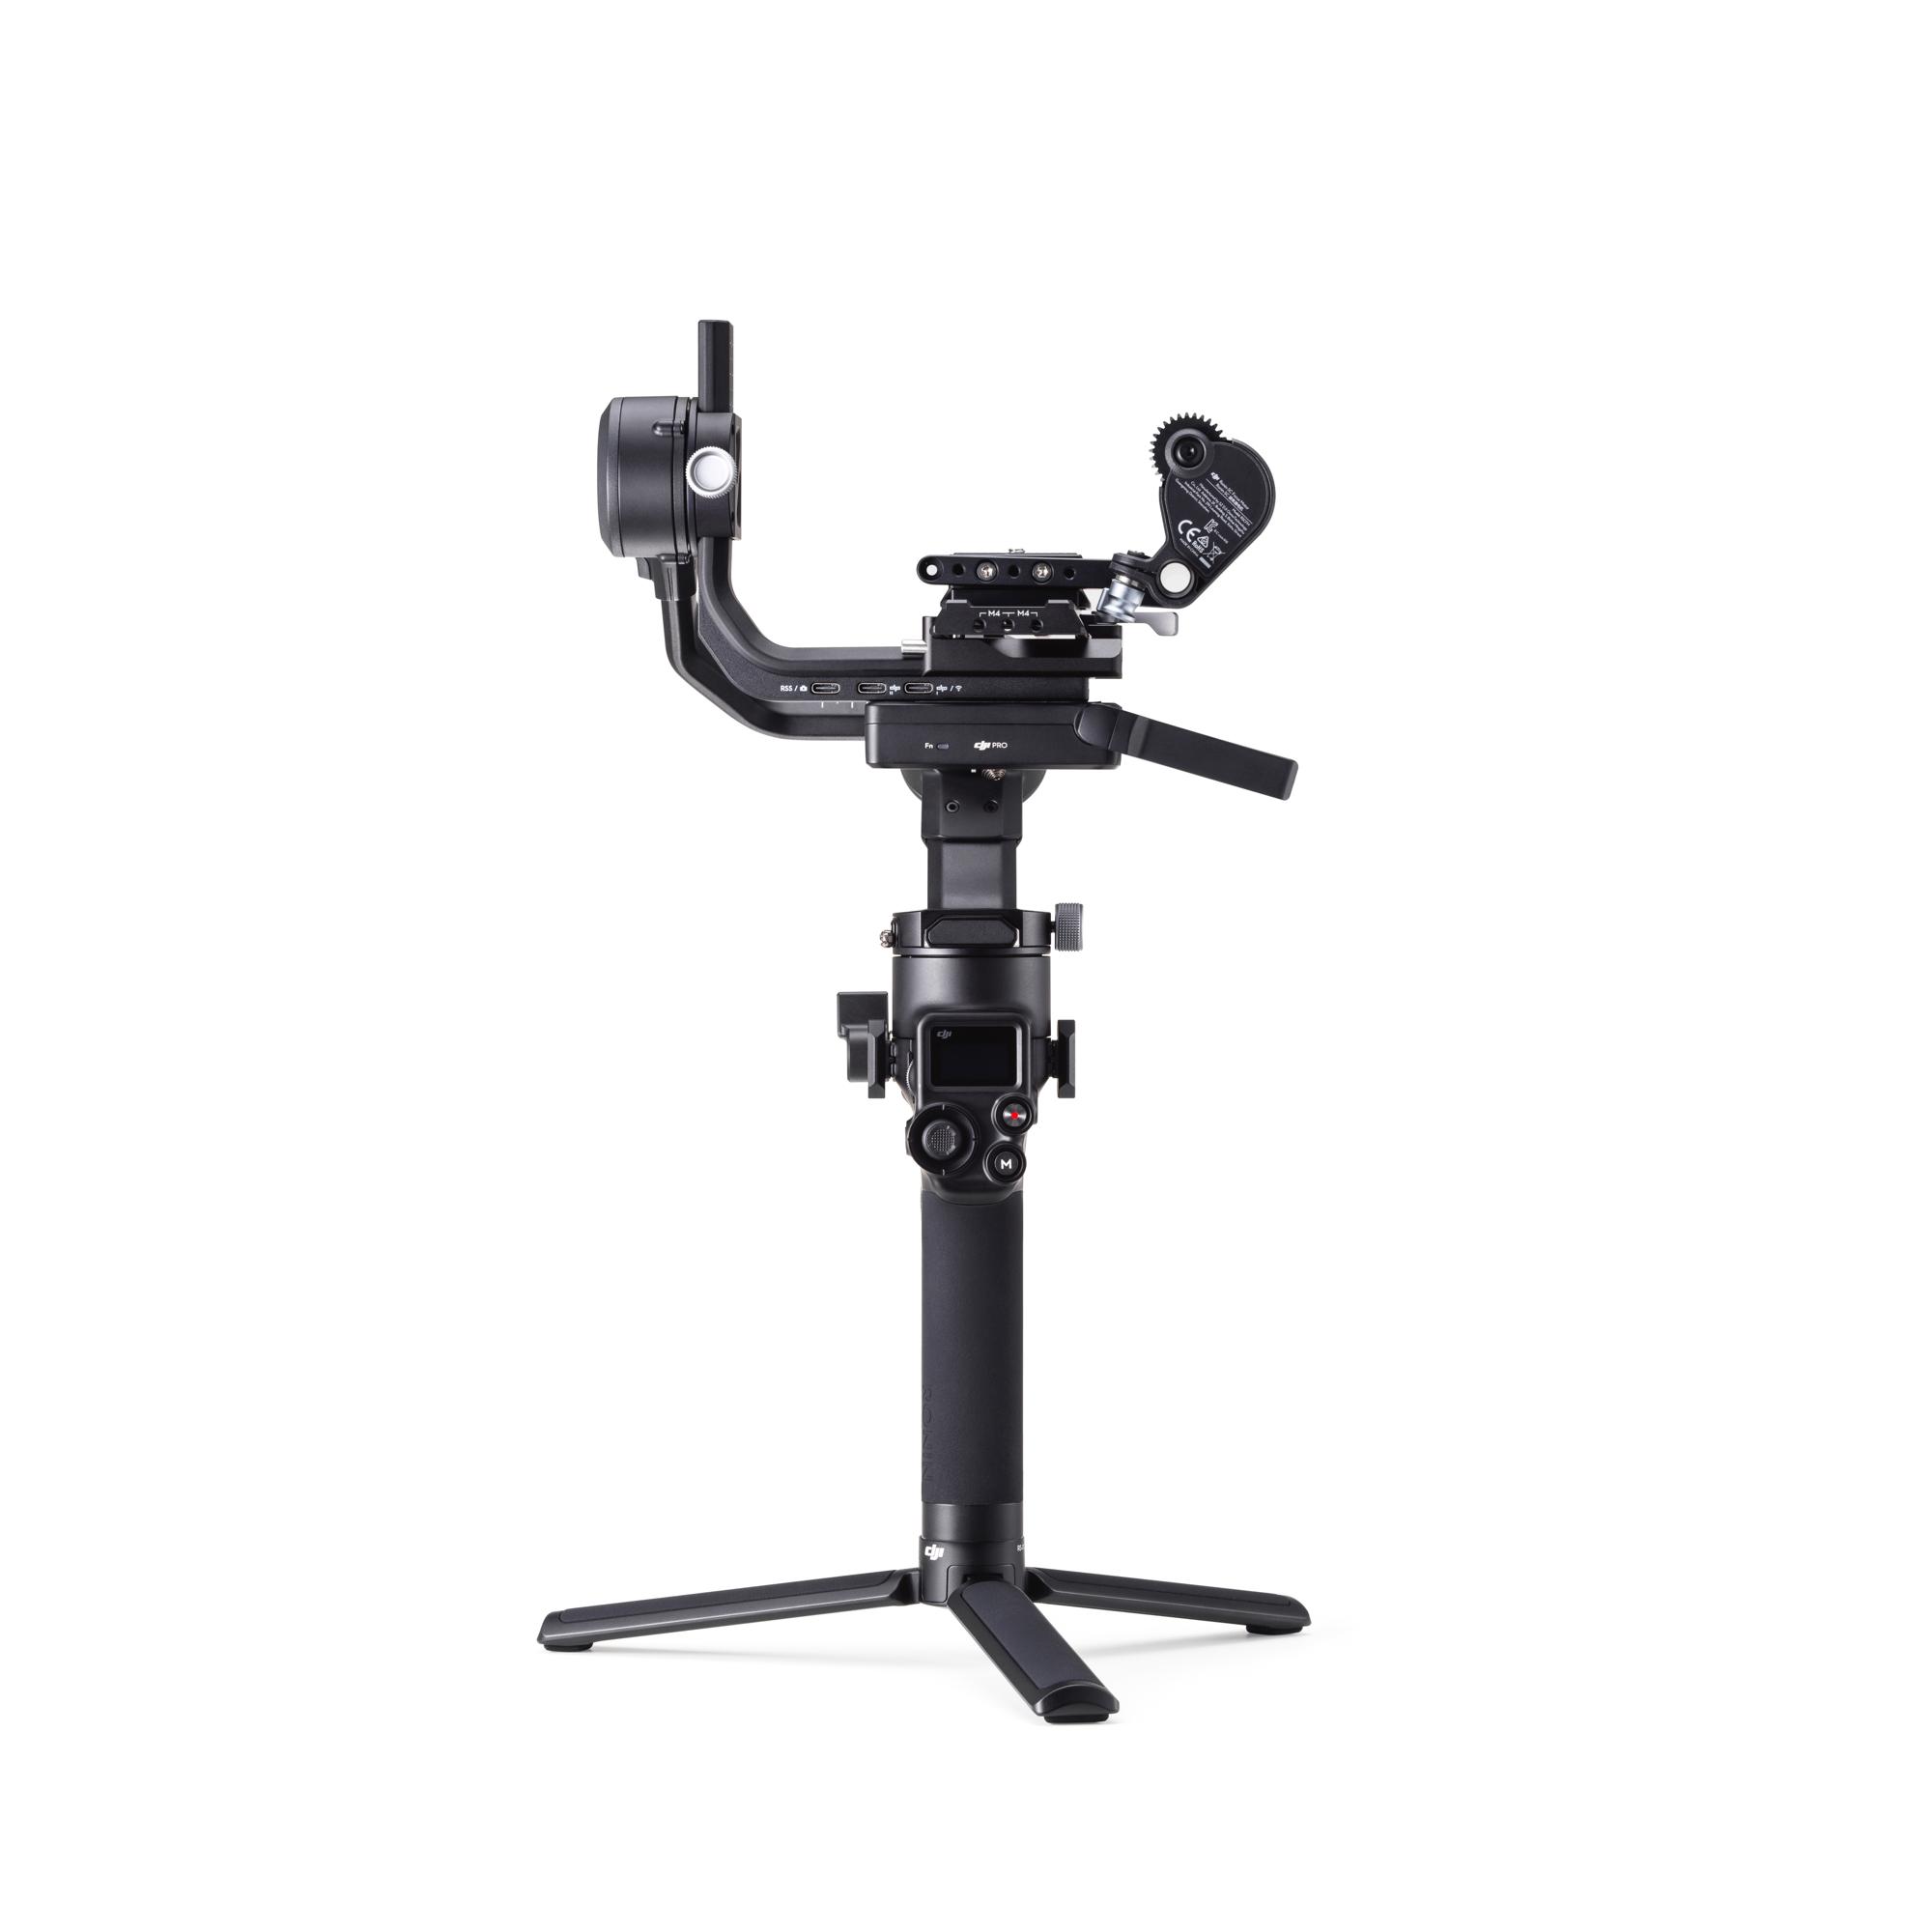 [렌즈 짐벌] DJI RSC2 프로 콤보 미러리스 짐벌 촬영 장비 세트, 1세트 - 랭킹9위 (819000원)